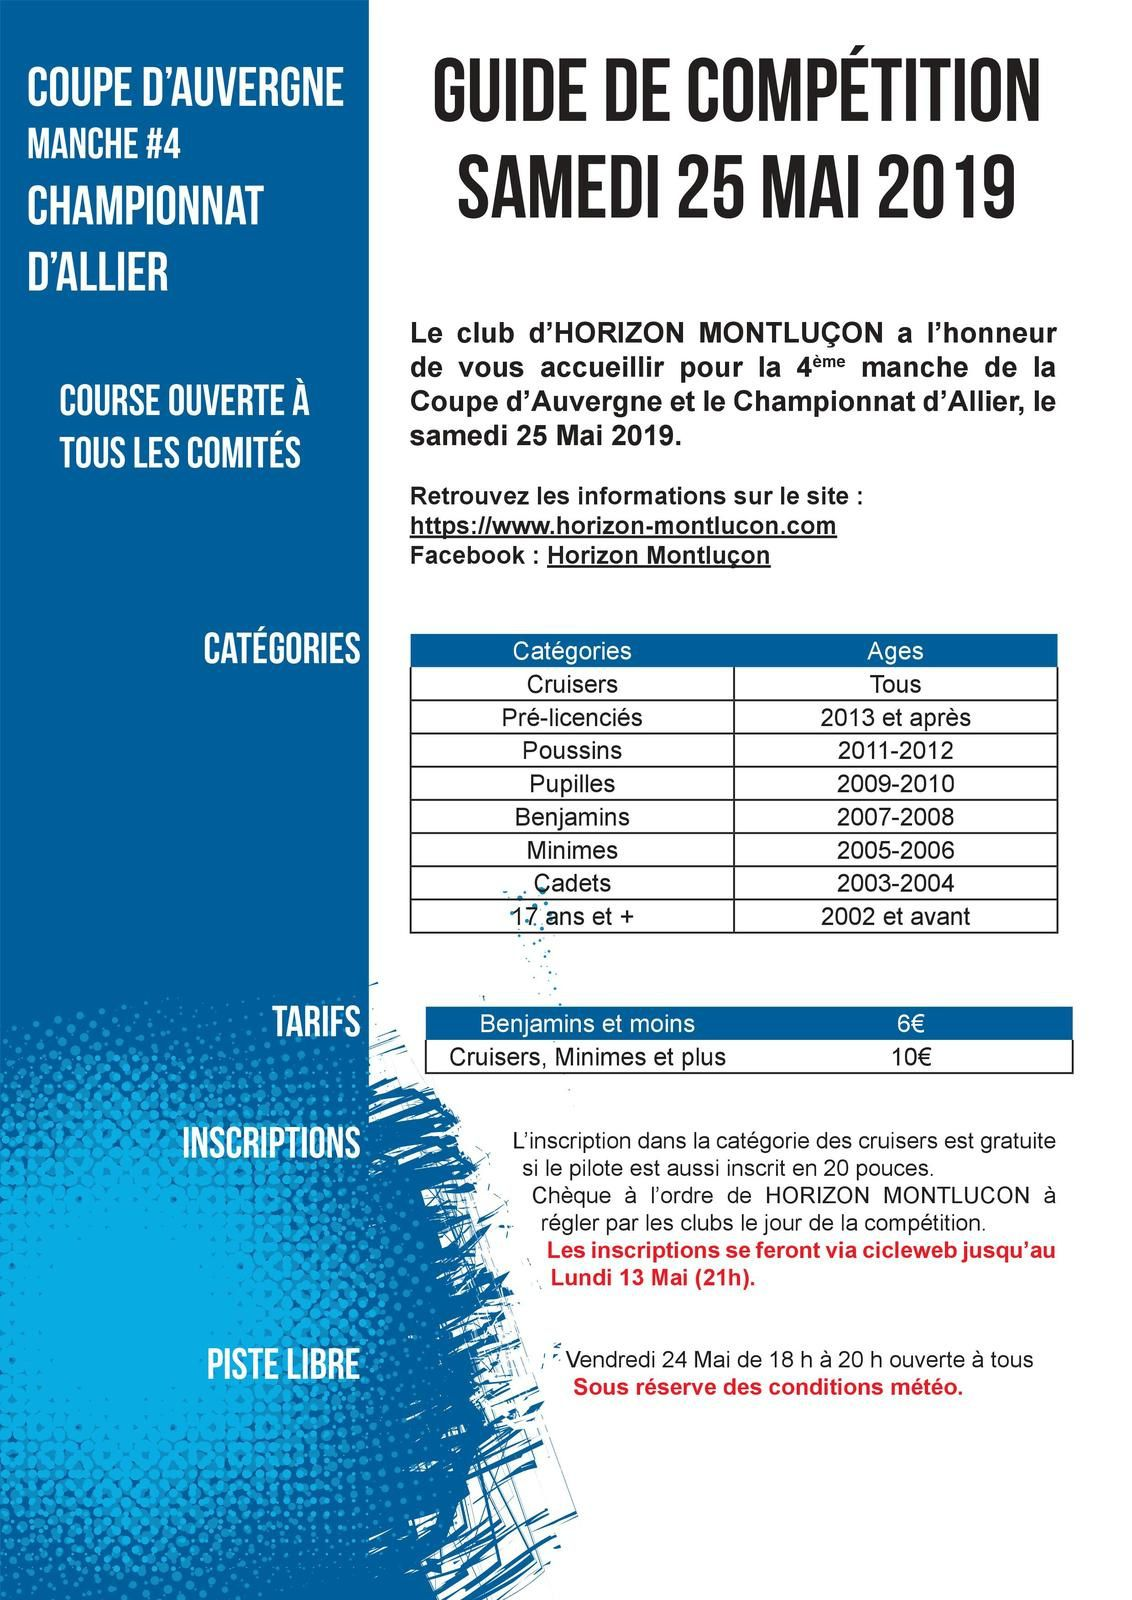 Invitation pour la 4e manche de la Coupe d'Auvergne à Montluçon